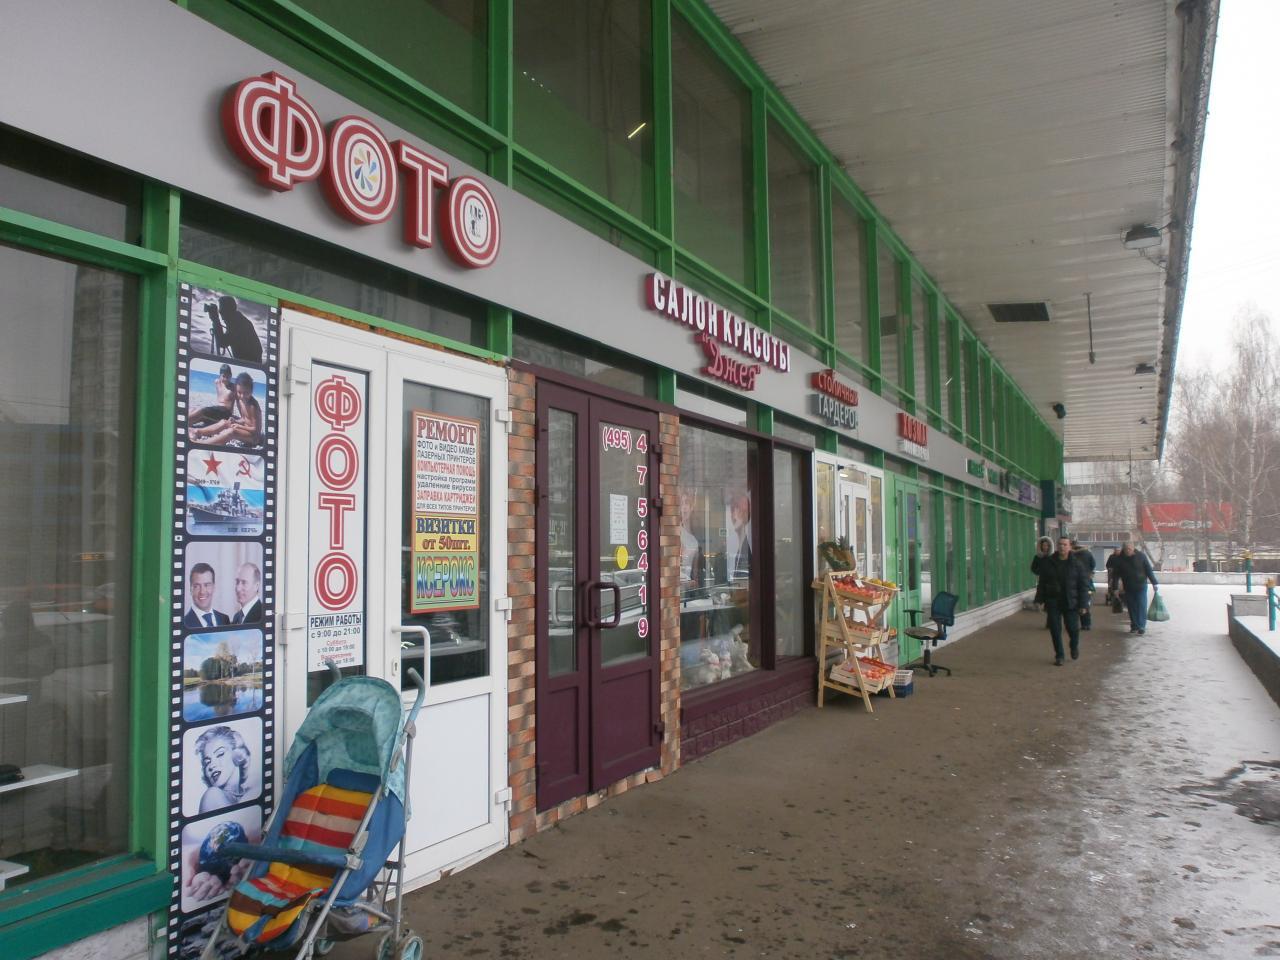 Аренда торгового помещения ТЦ, СВАО 10 минут пешком | фото 1 из 6